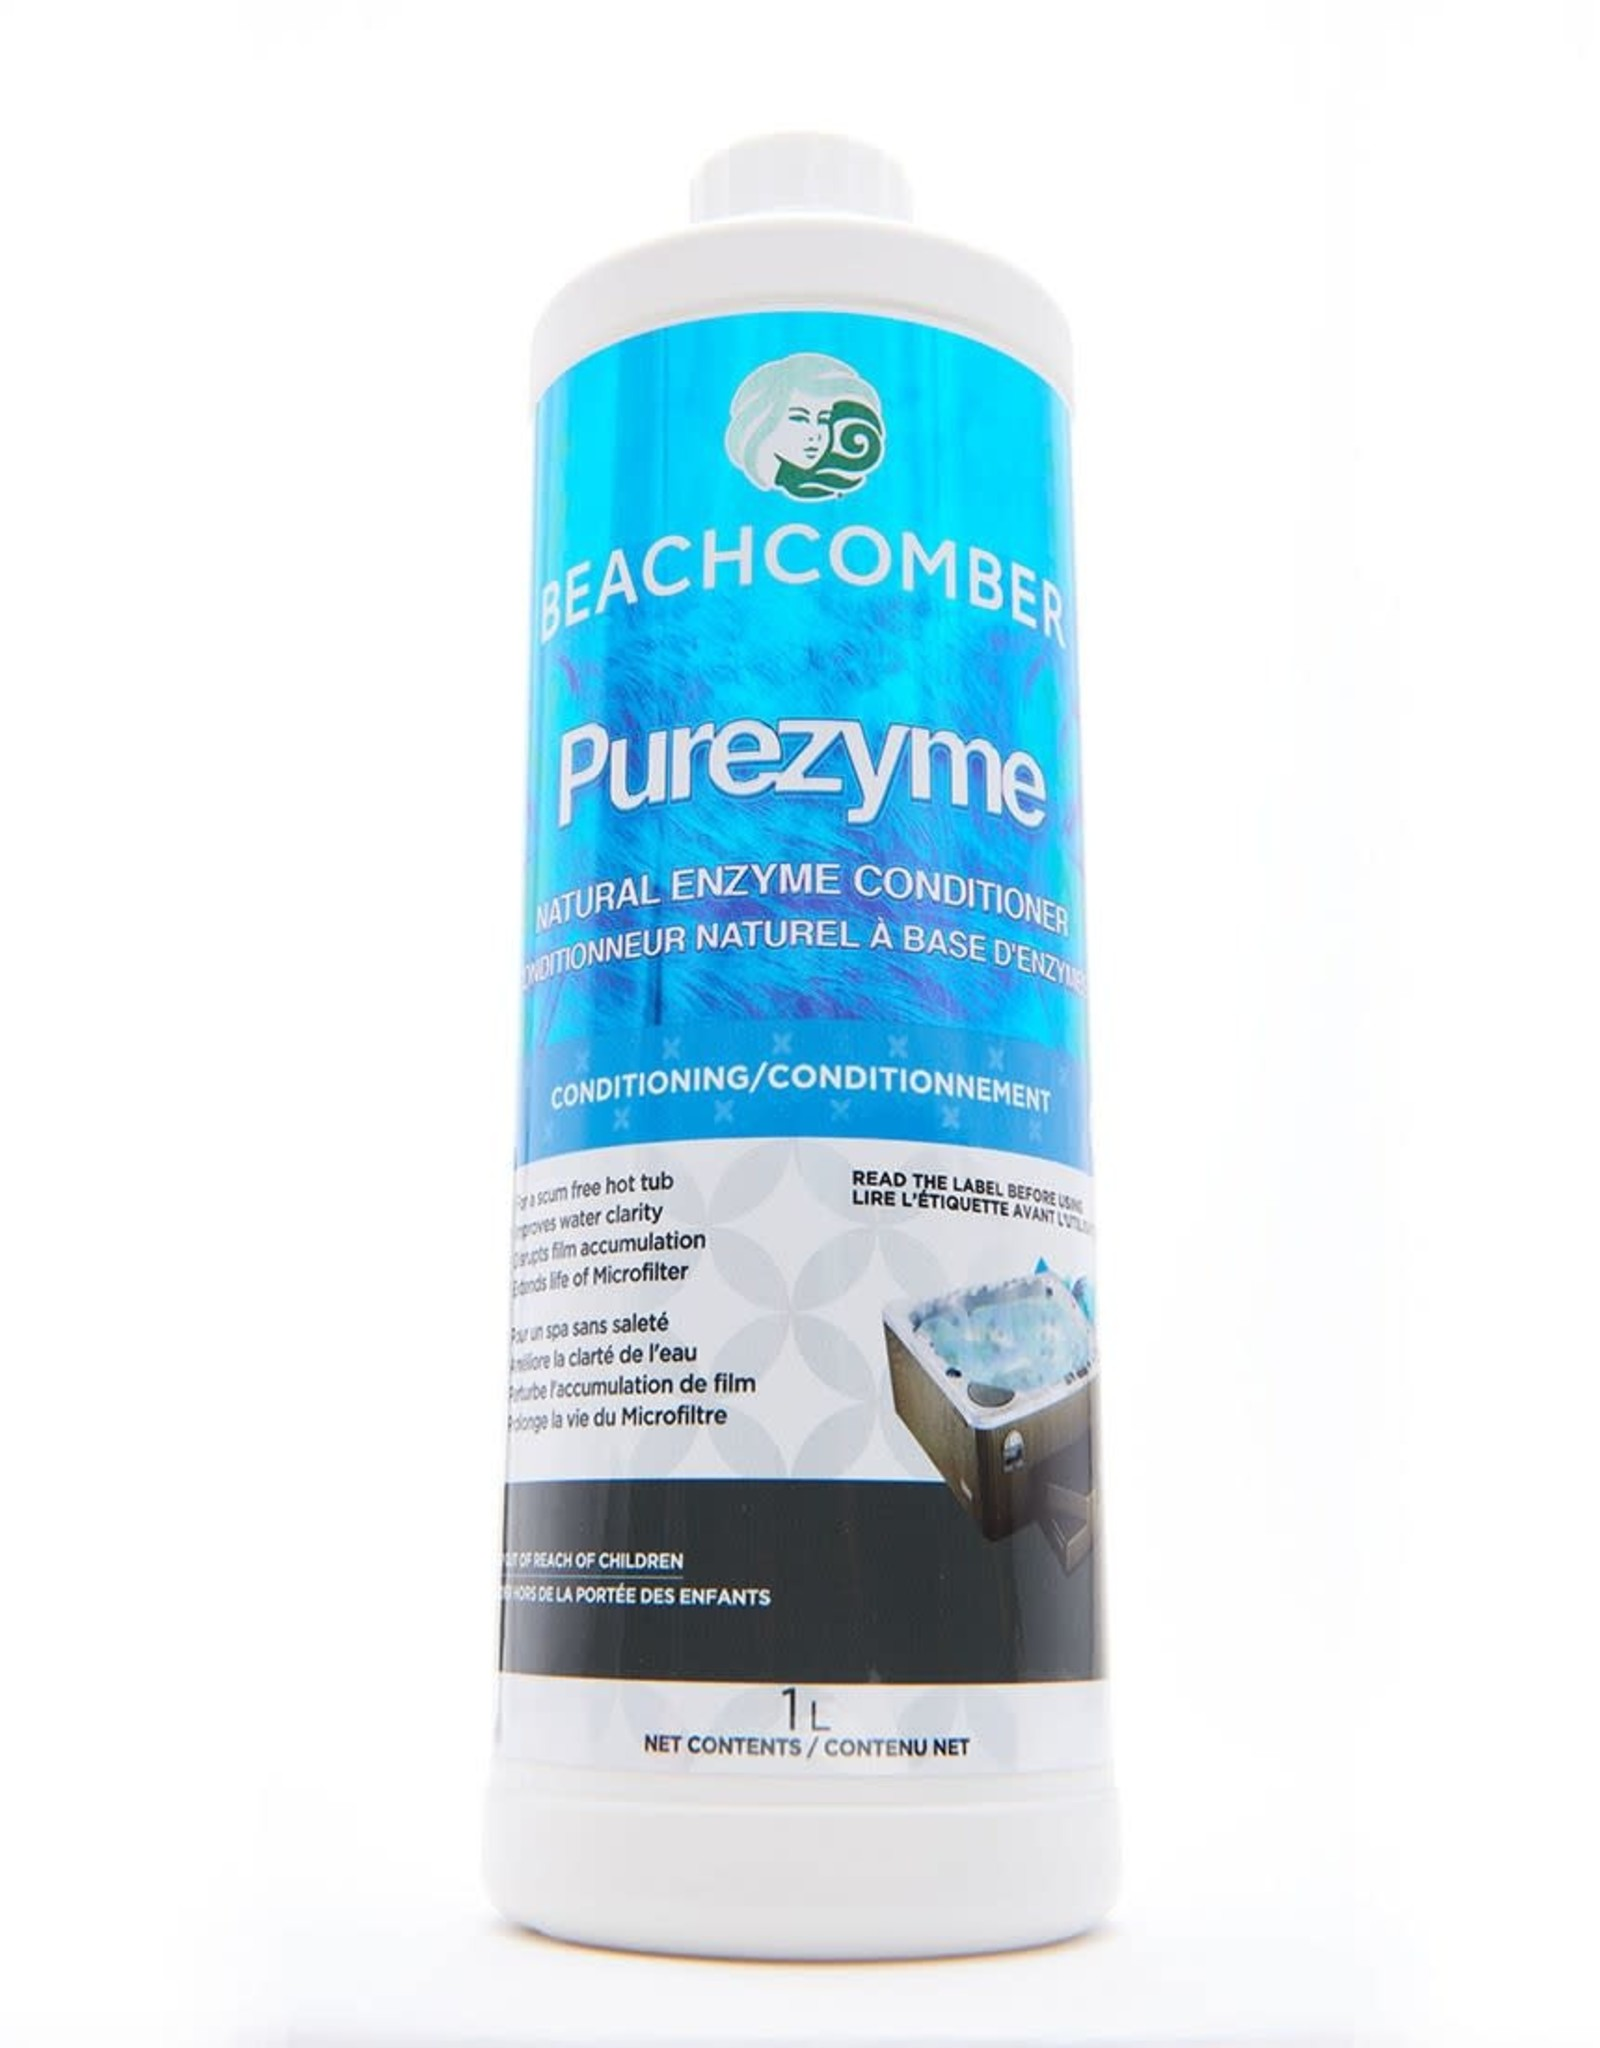 BEACHCOMBER PUREZYME - 1L